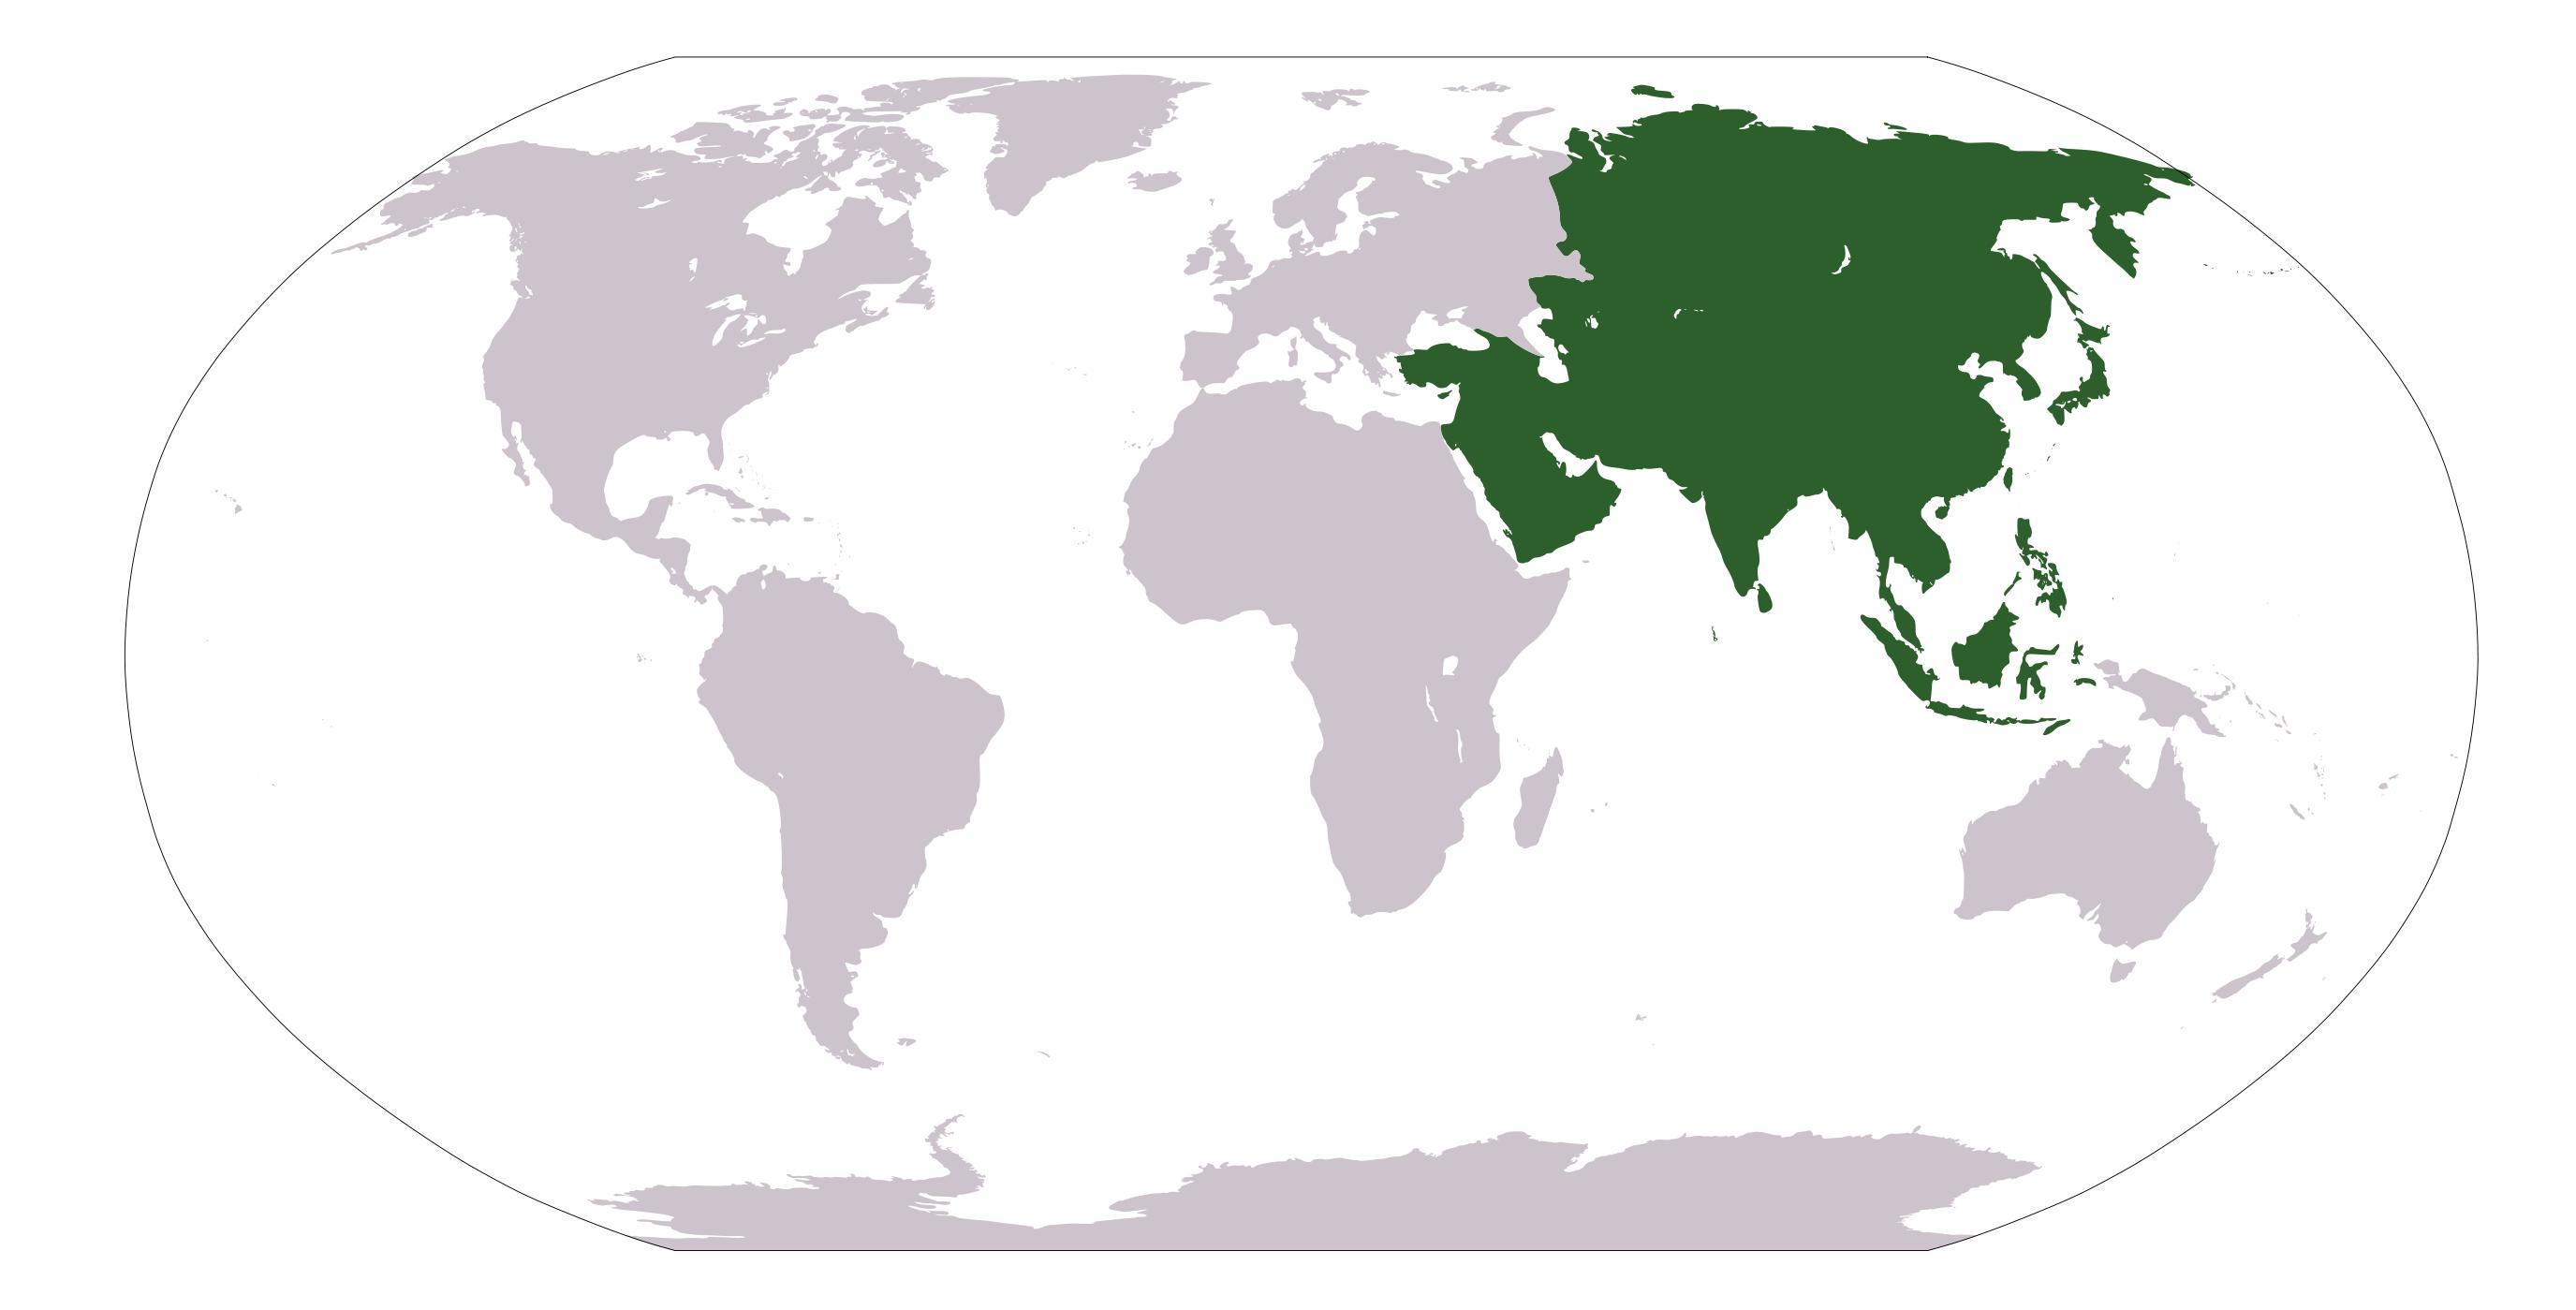 http://www.mygeo.info/landkarten/asien/asien_weltkarte.png